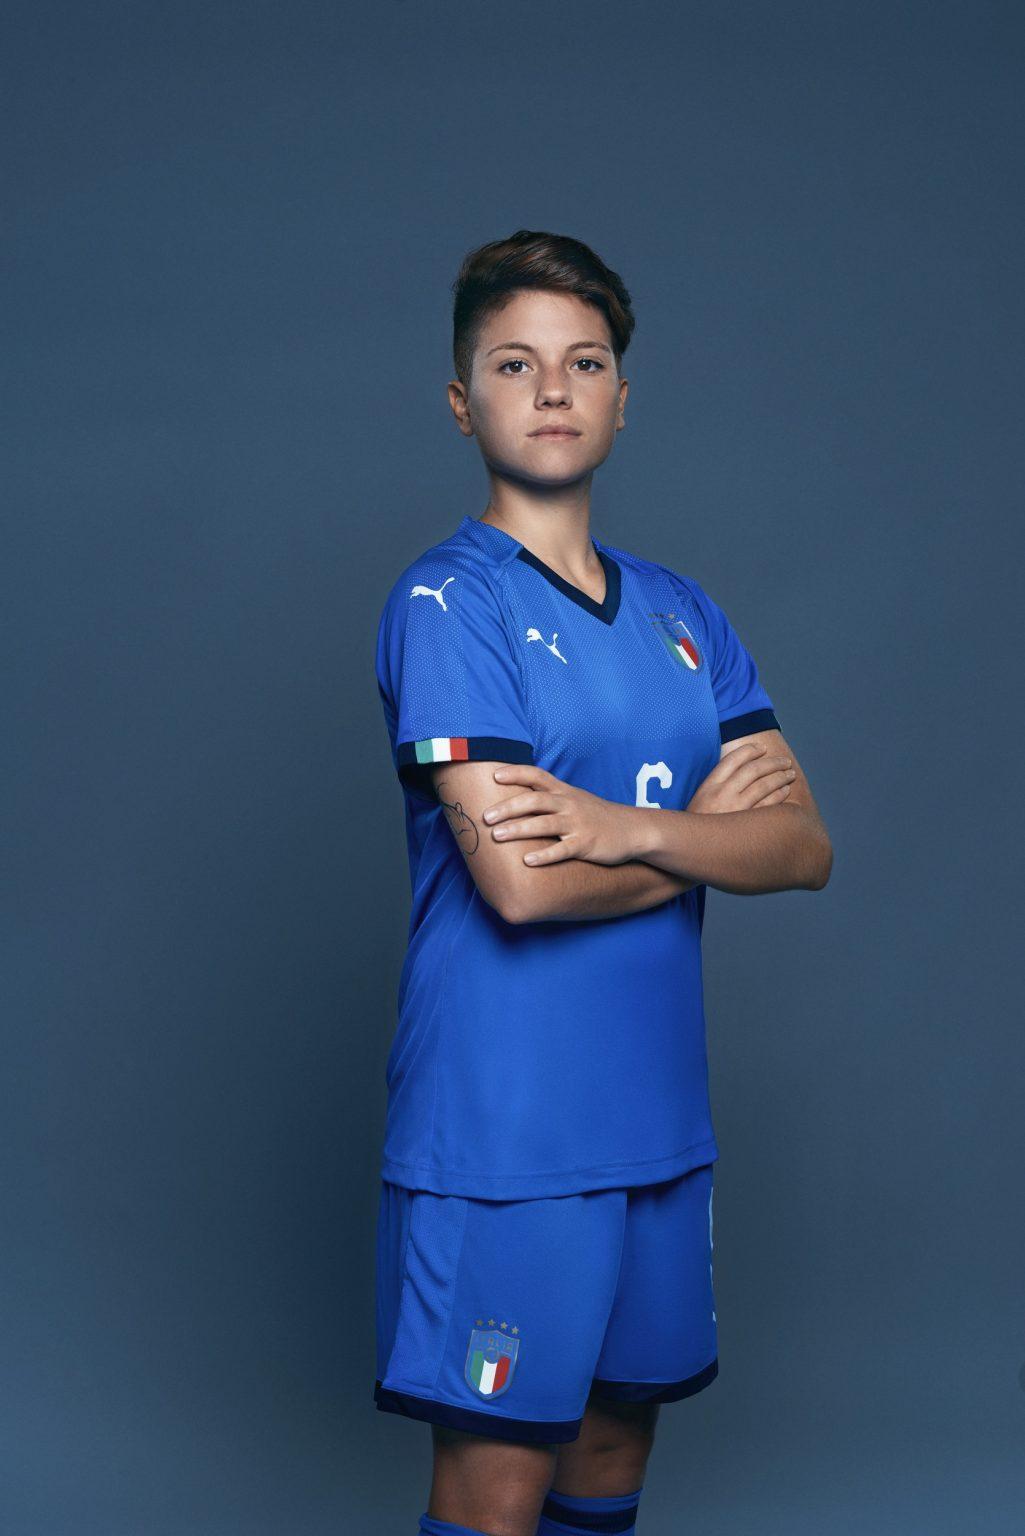 Florence, May 2019 - Manuela Giugliano, Italy women's national football team player. >< Firenze, maggio 2019 - Manuela Giugliano, calciatrice della Nazionale femminile italiana di calcio.